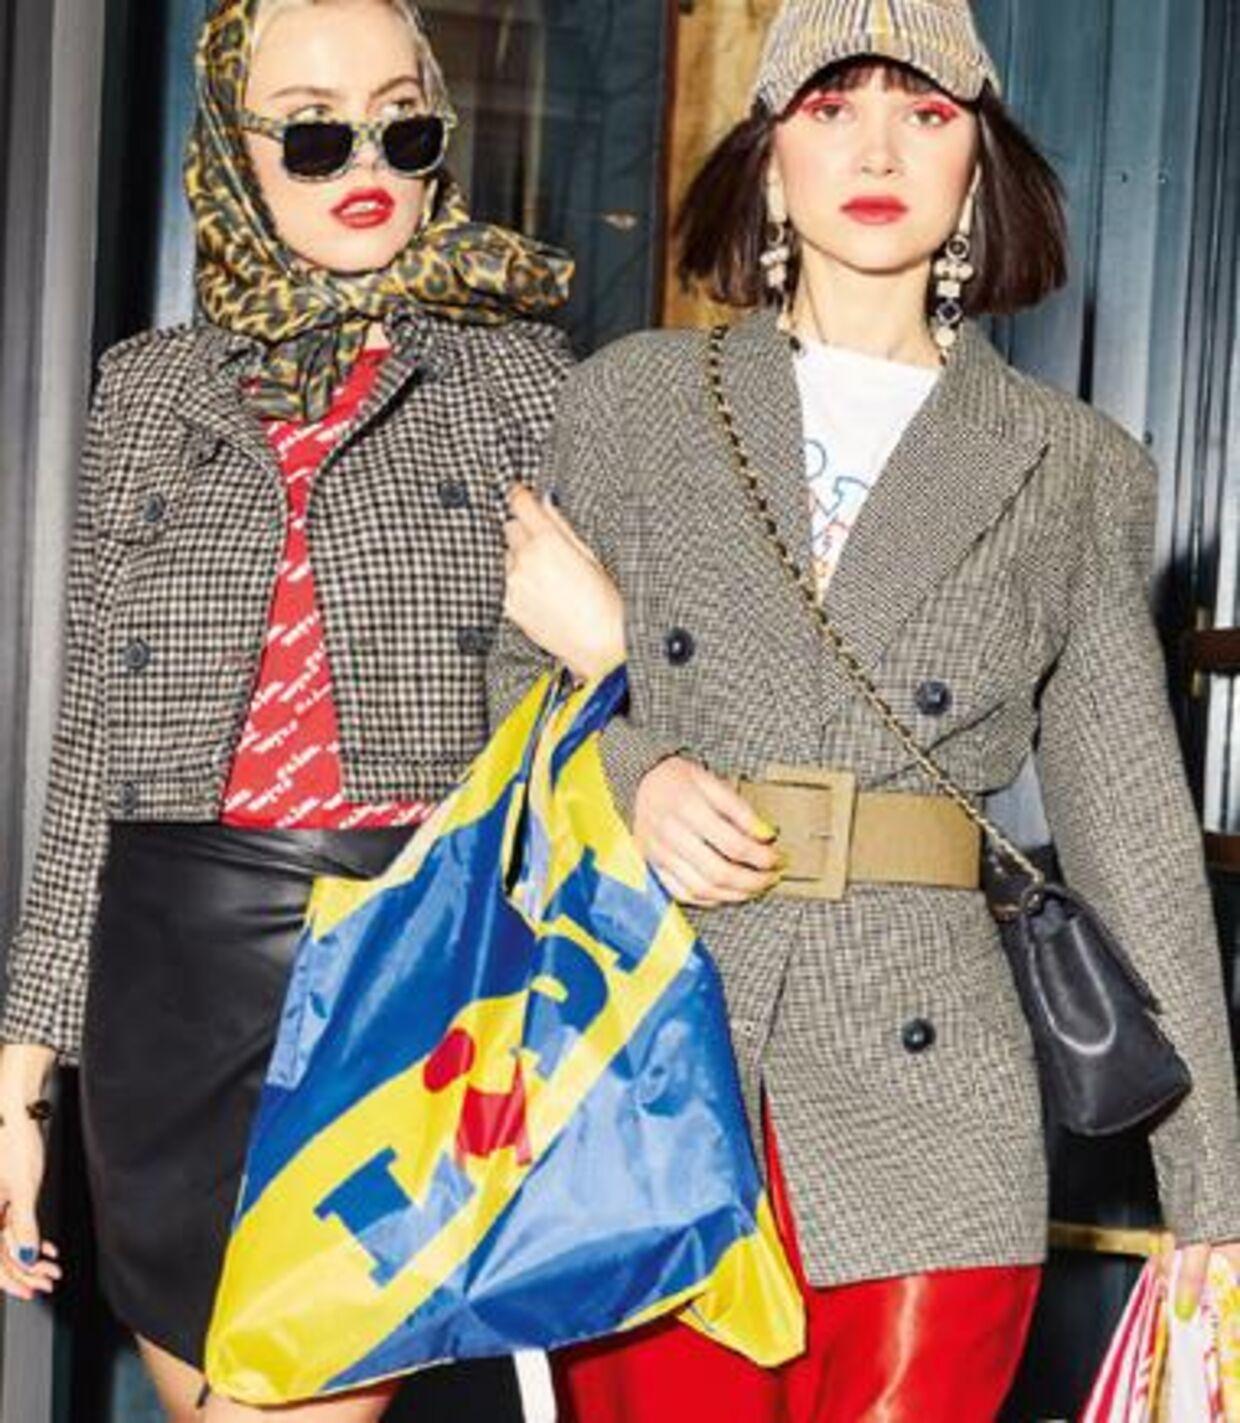 Lidl har udgivet en modekollektion, der har opnået en voldsom popularitet. Foto: Lidl.